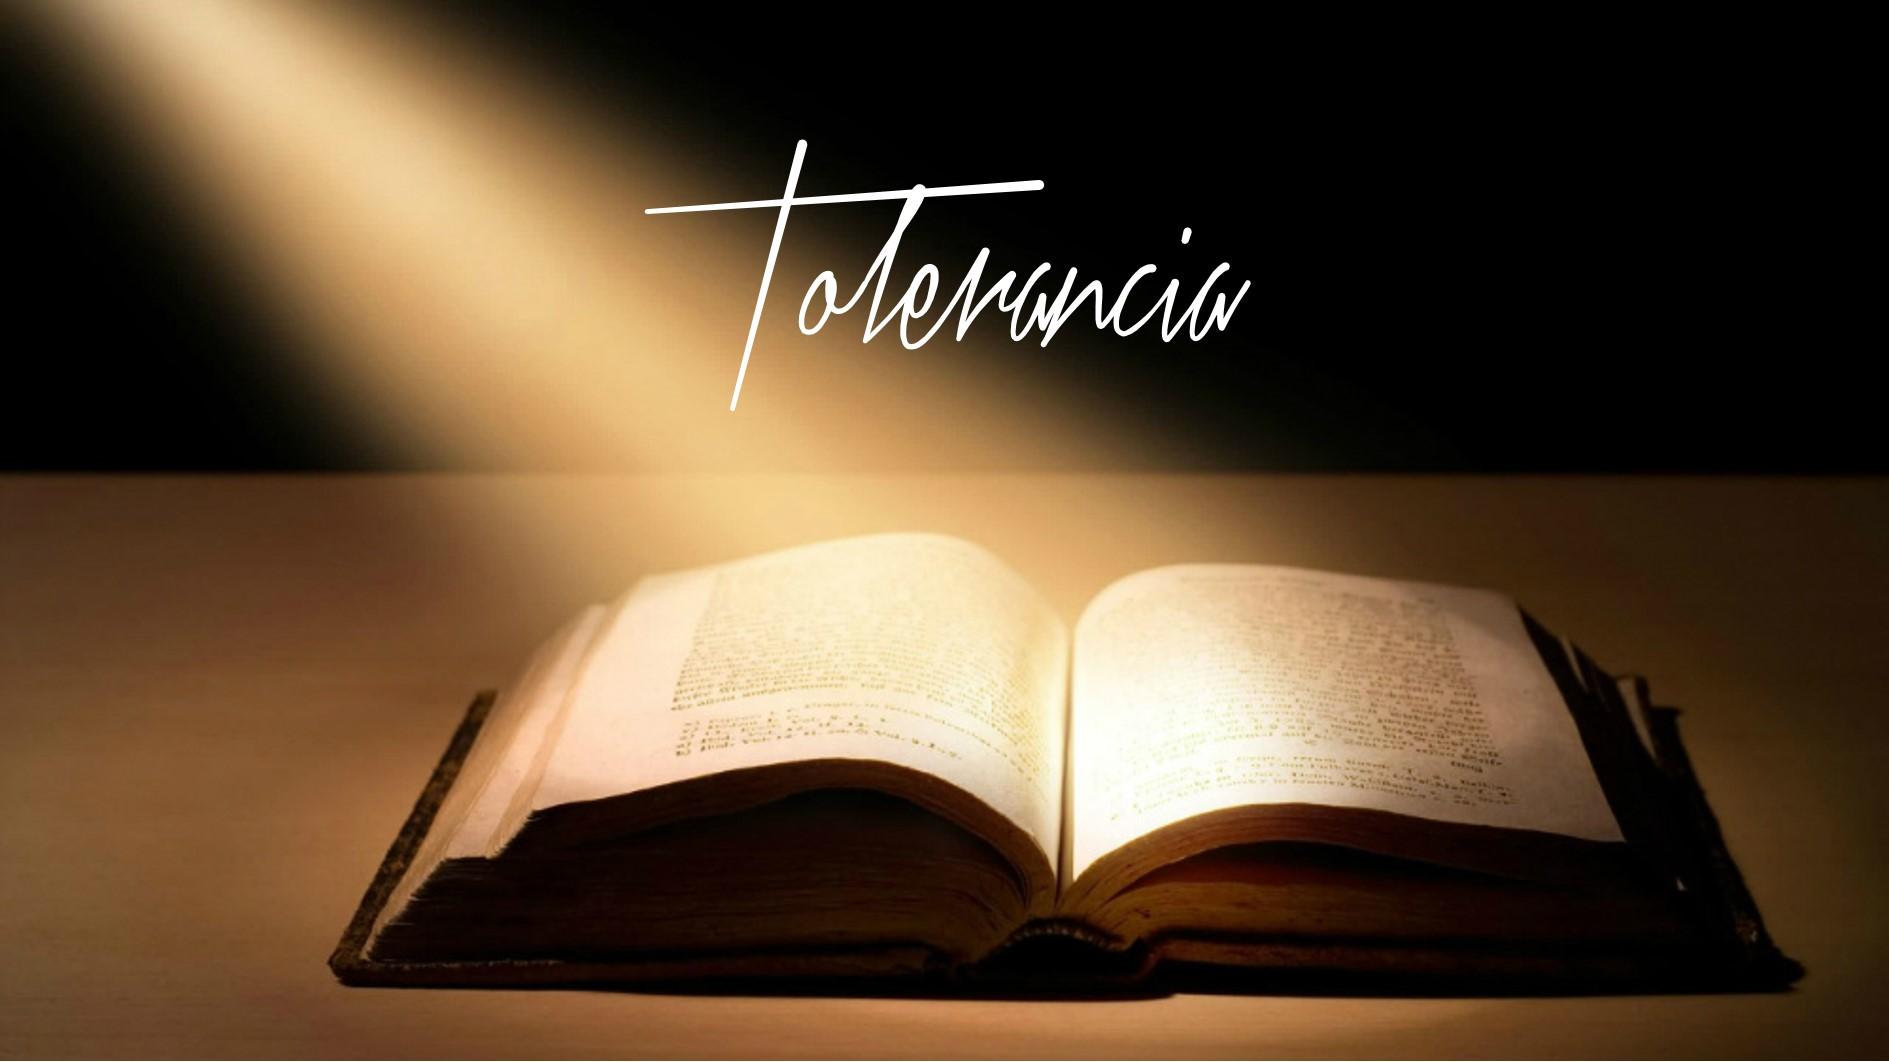 Versículos bíblicos sobre tolerancia